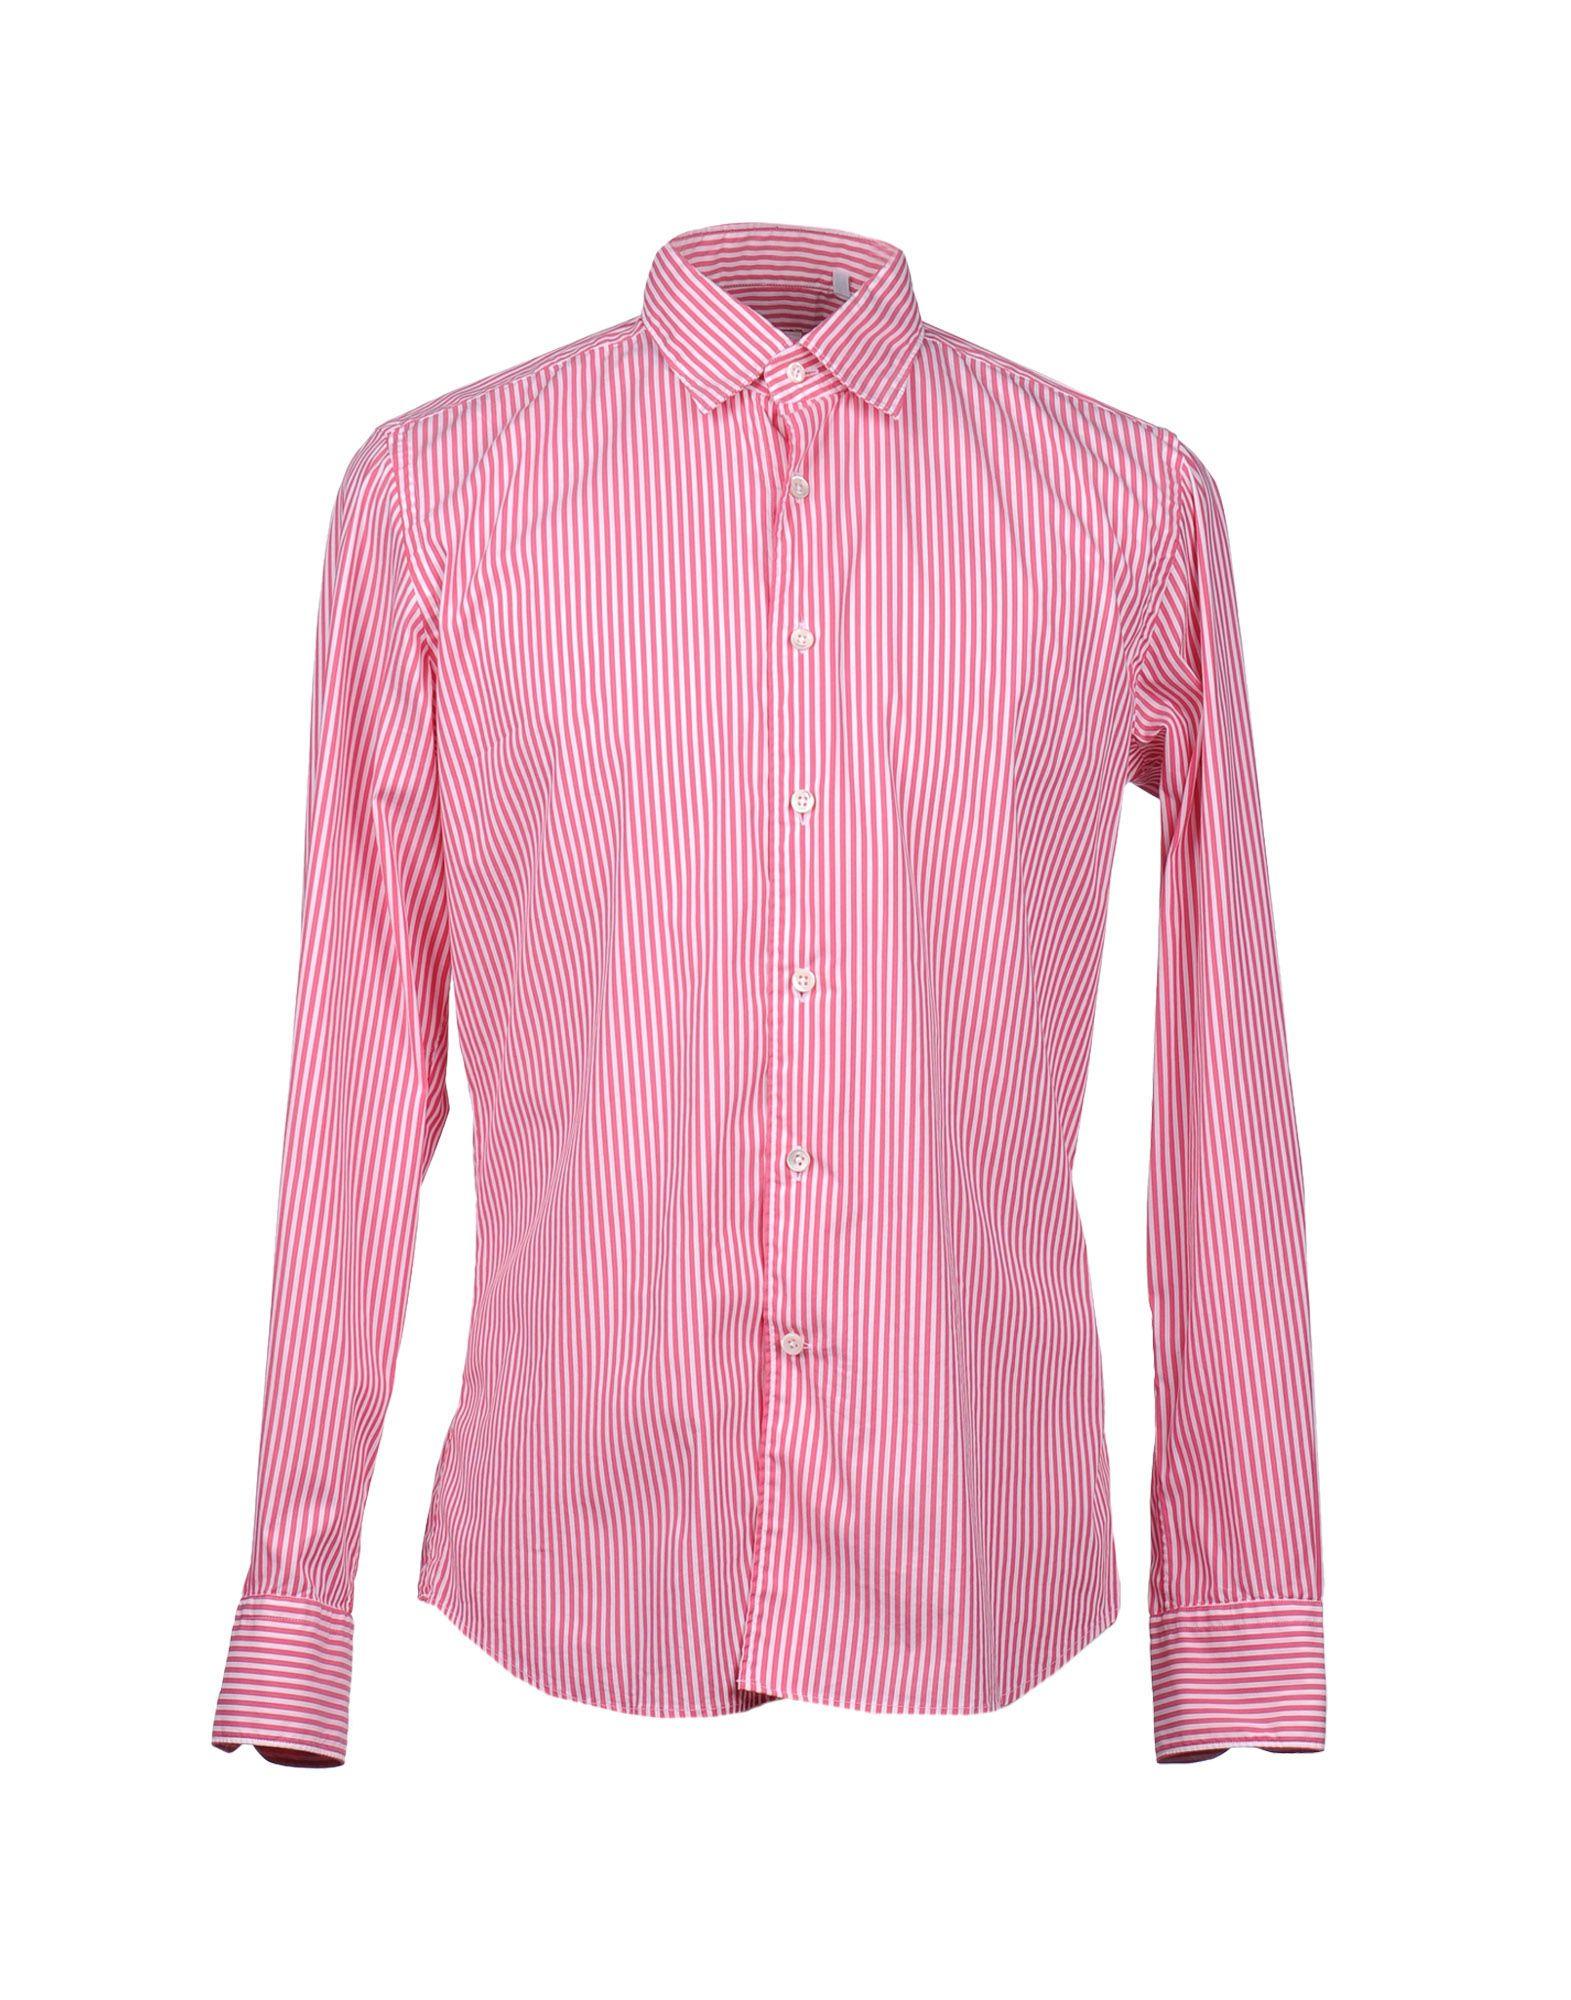 купить GLANSHIRT Рубашка с длинными рукавами по цене 2020 рублей